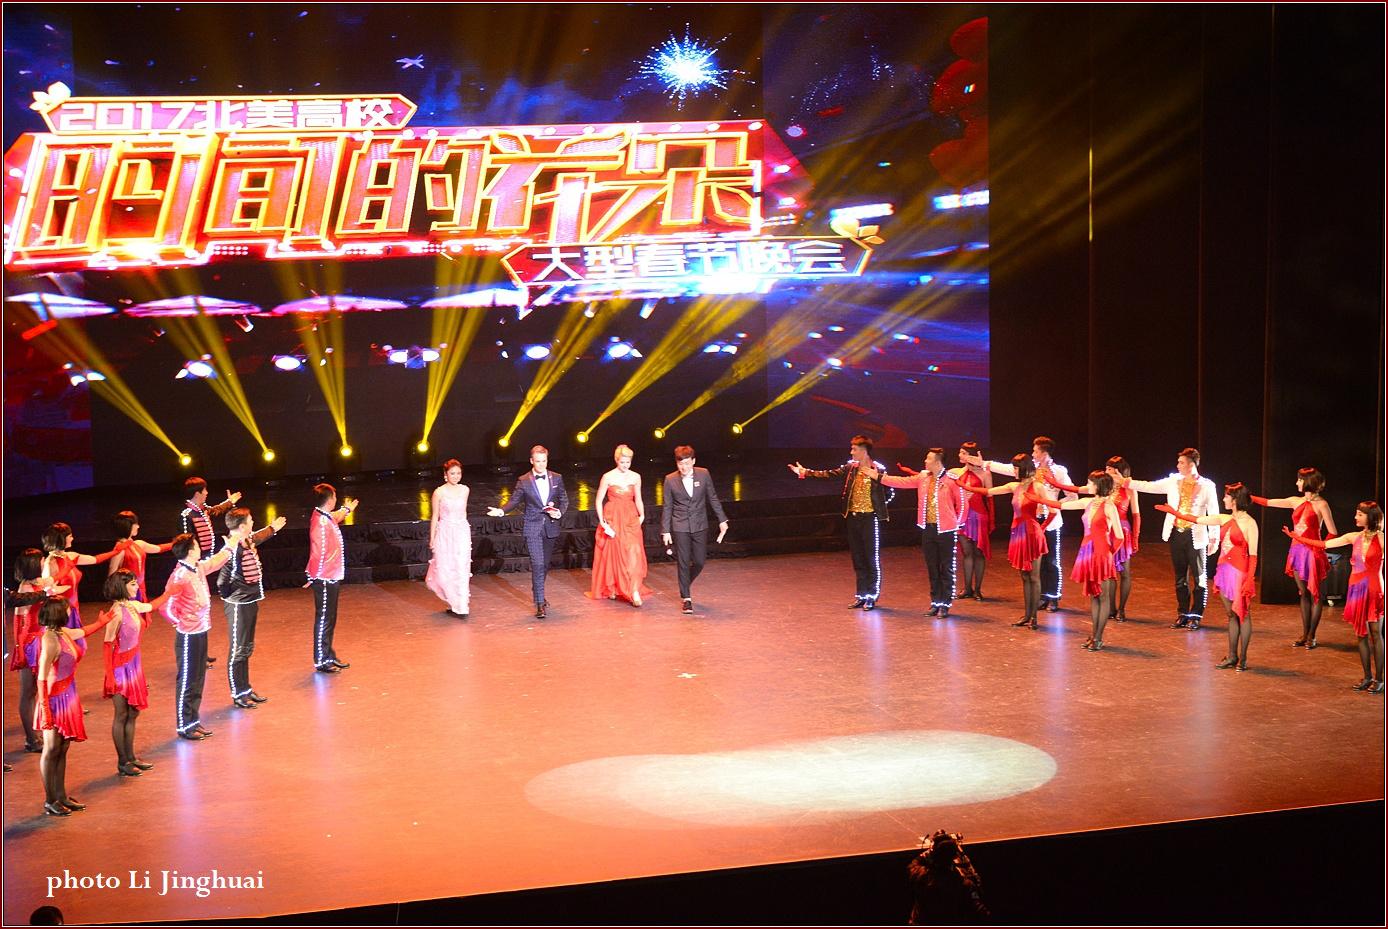 2017北美高校大型春节晚会_图1-1